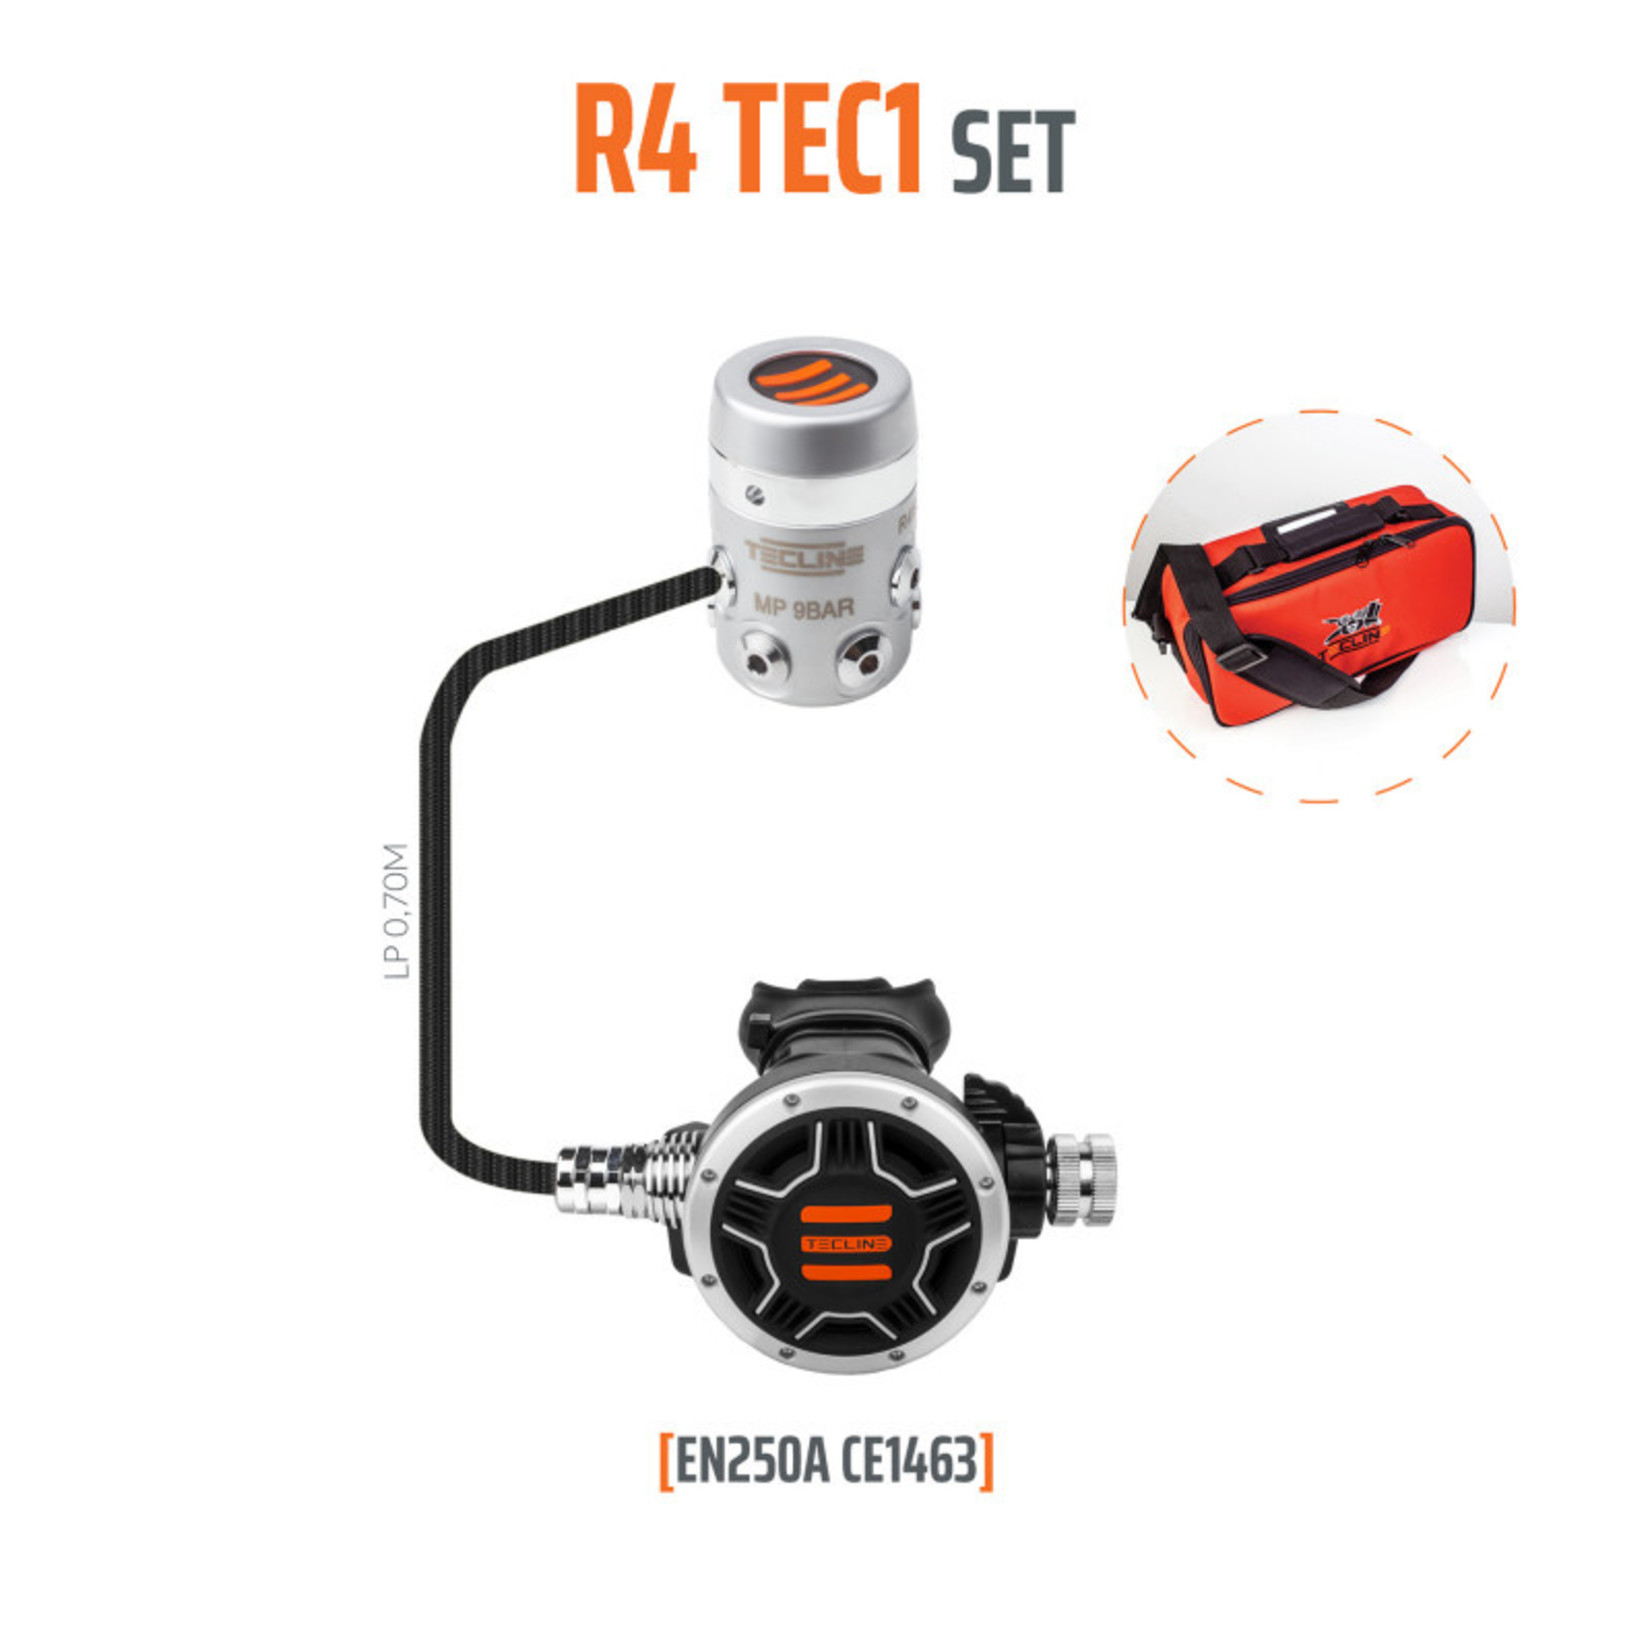 Tecline Regulator R4 TEC1 - EN250A